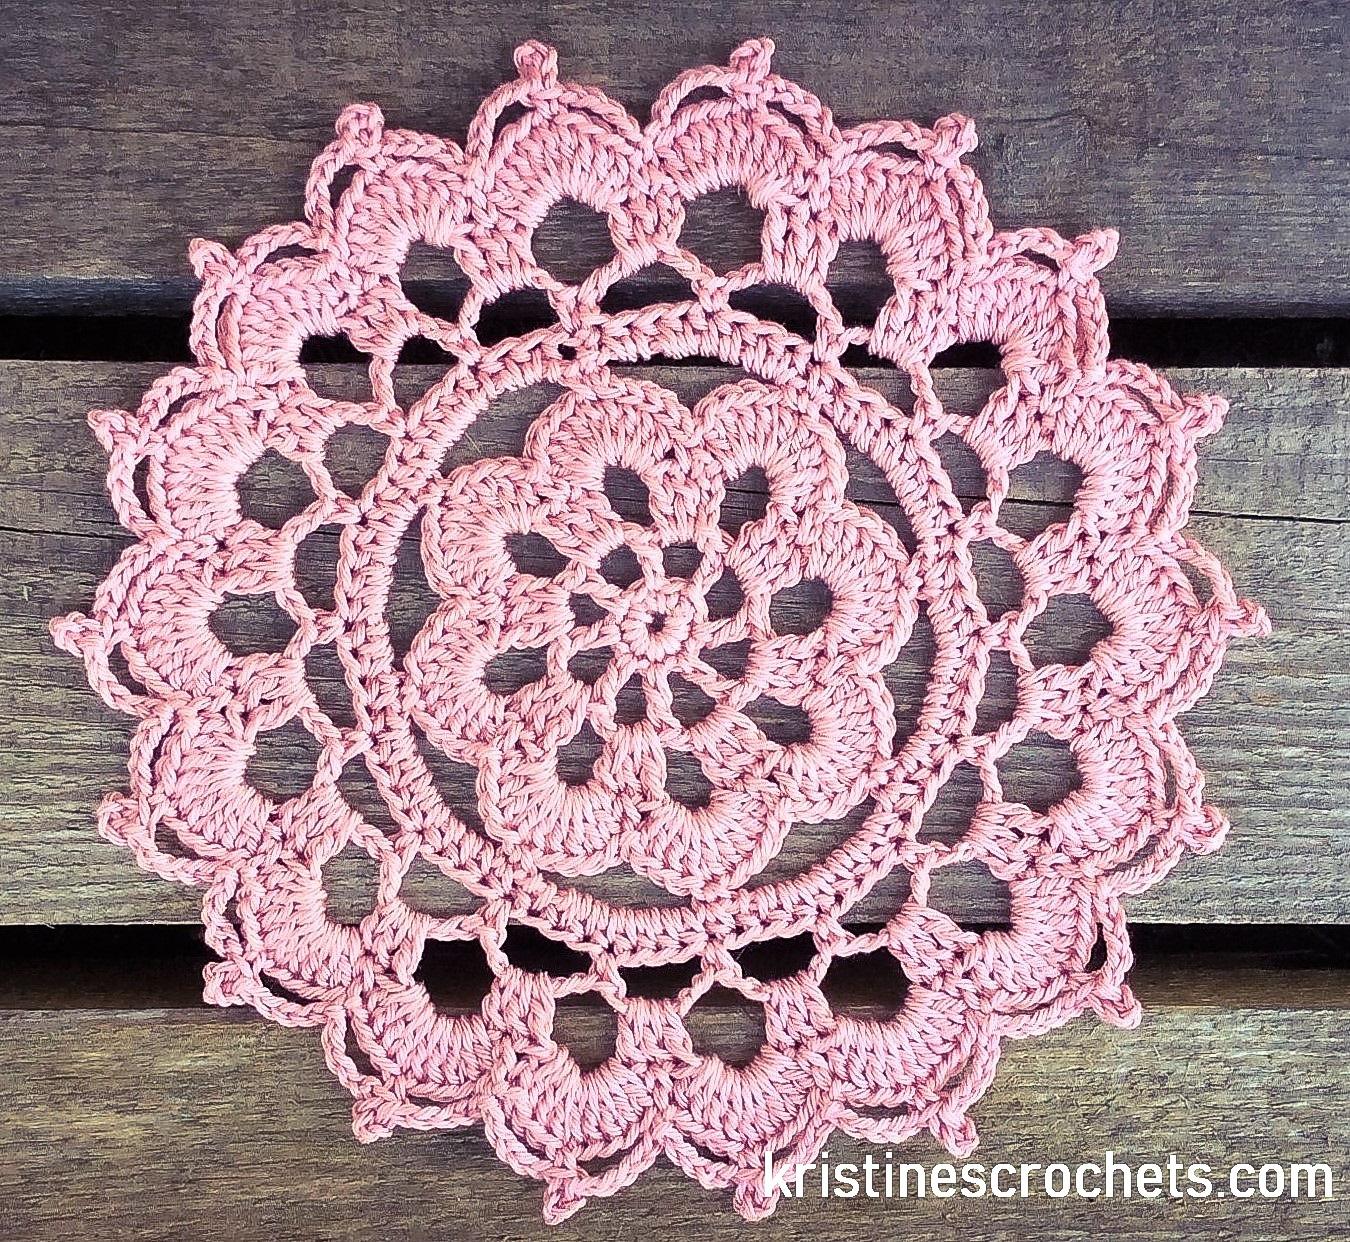 Kristinescrochets Crochet Summer Haze Doily Easy Pattern